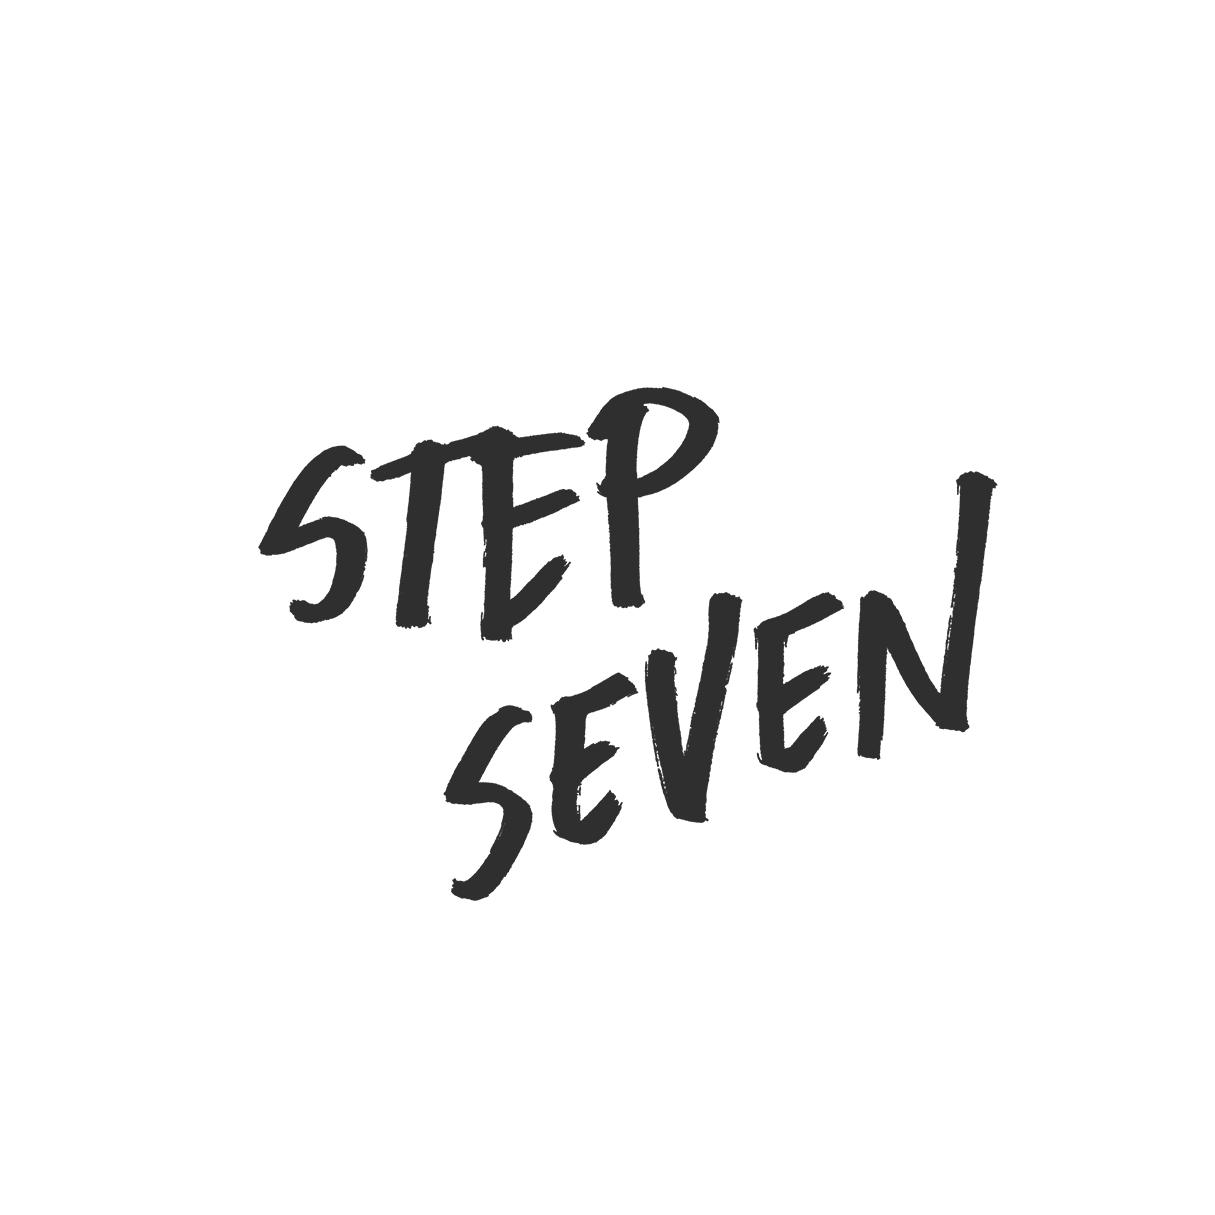 StepSeven.jpg